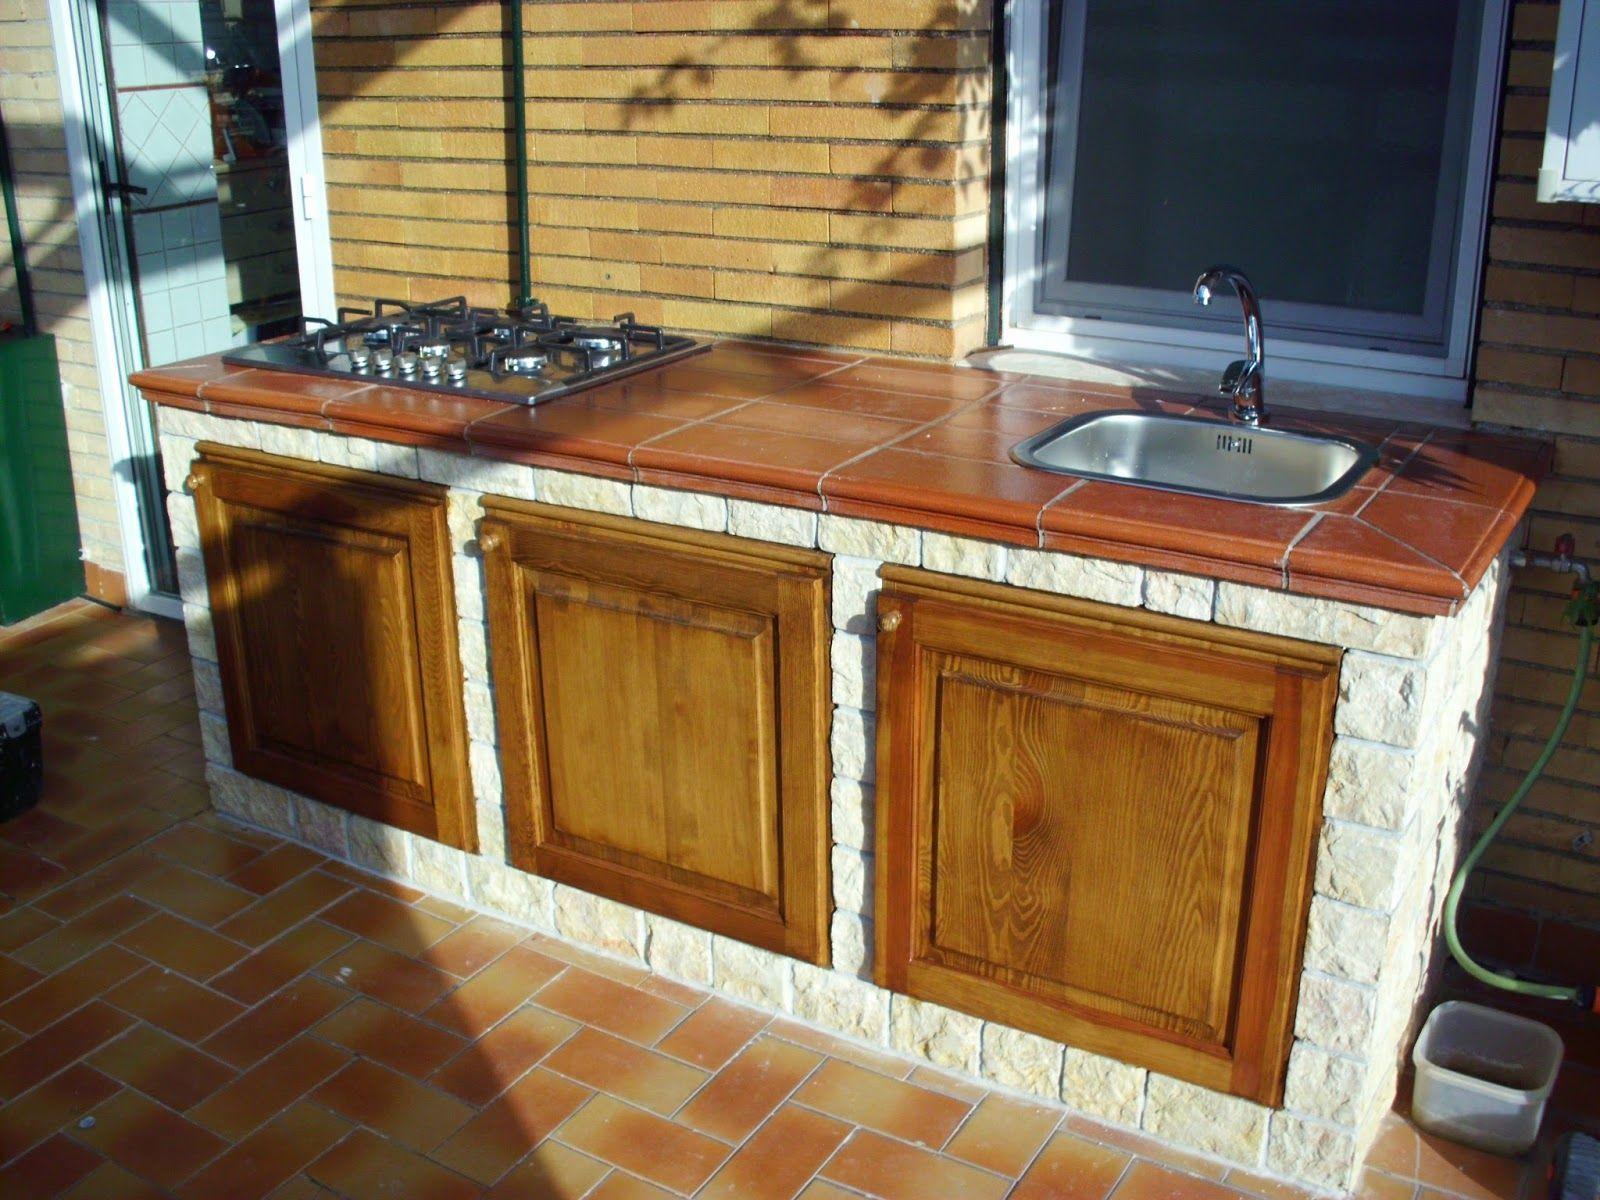 Piccola Cucina In Muratura Fai Da Te.Cucina Muratura Esterno Cerca Con Google Cose Per La Nostra Casa